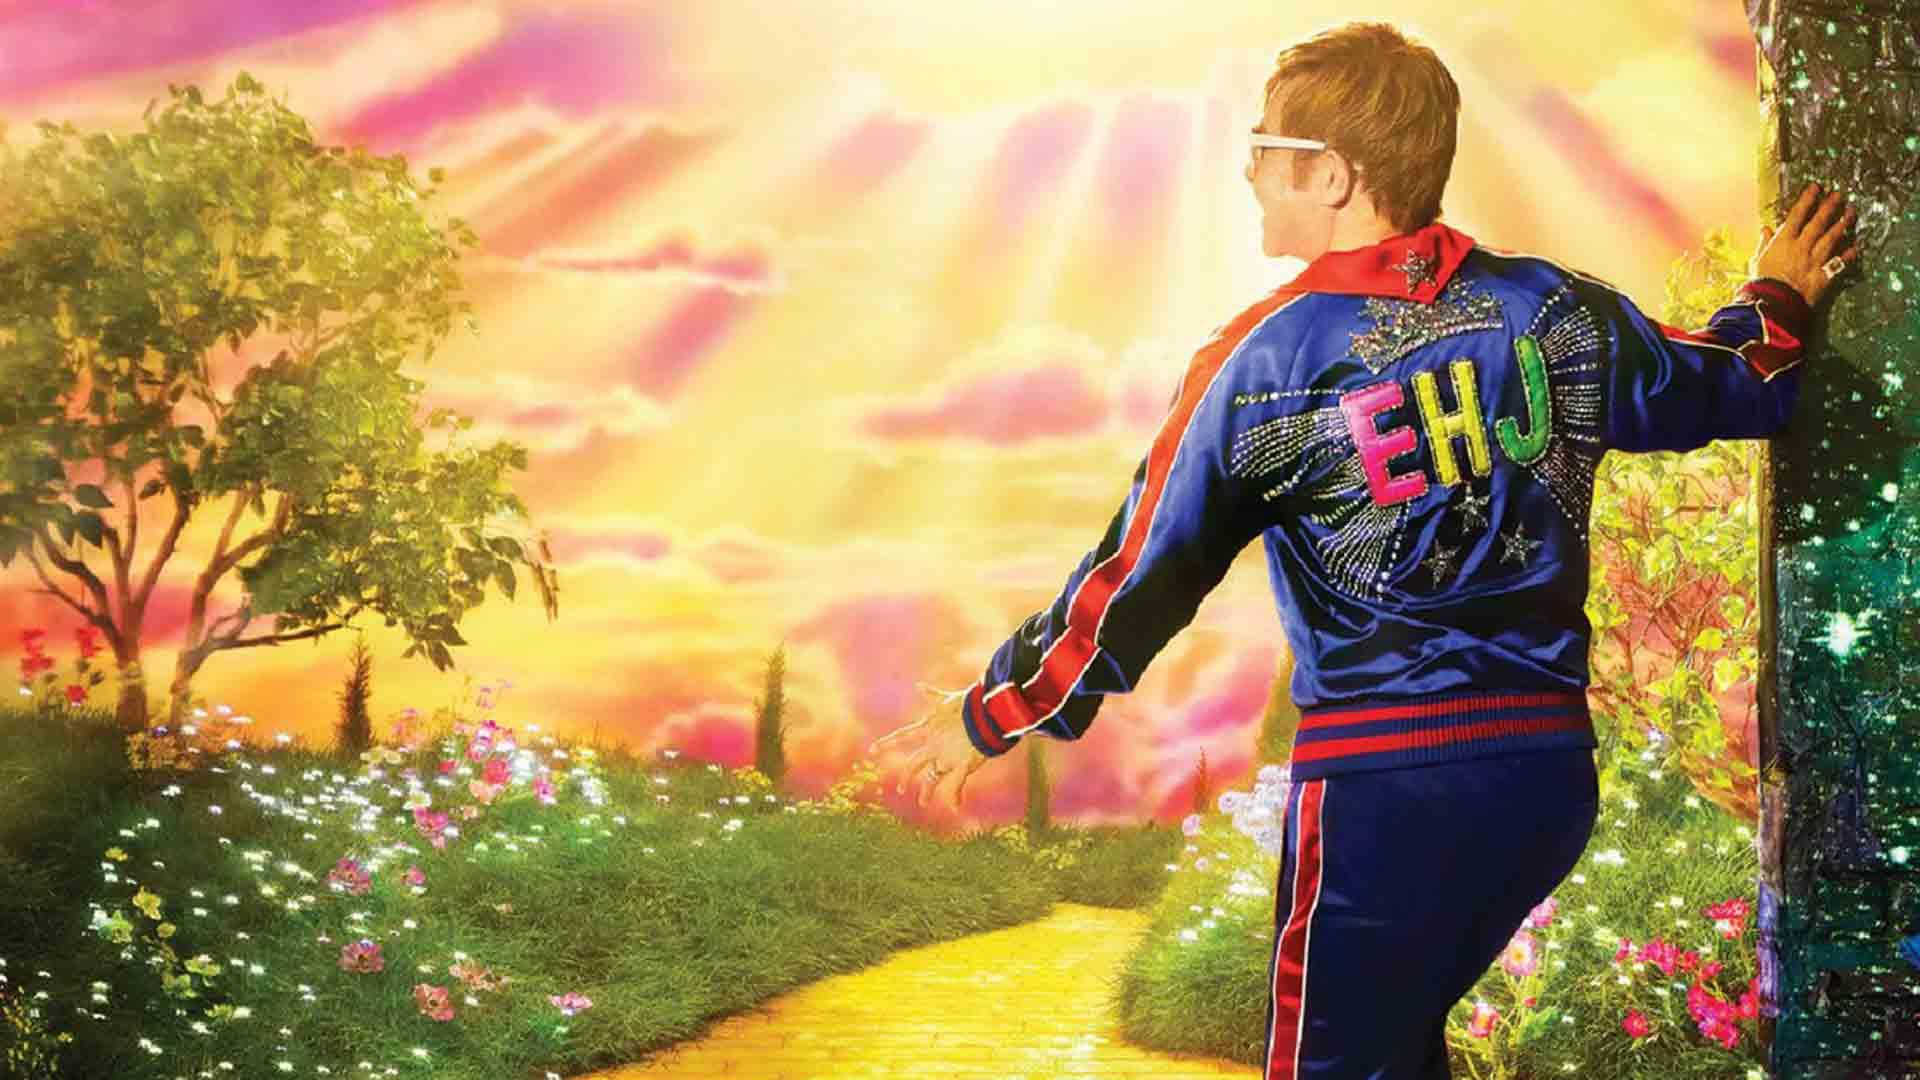 Elton John Farewell Yellow Brick Road Tour 2021